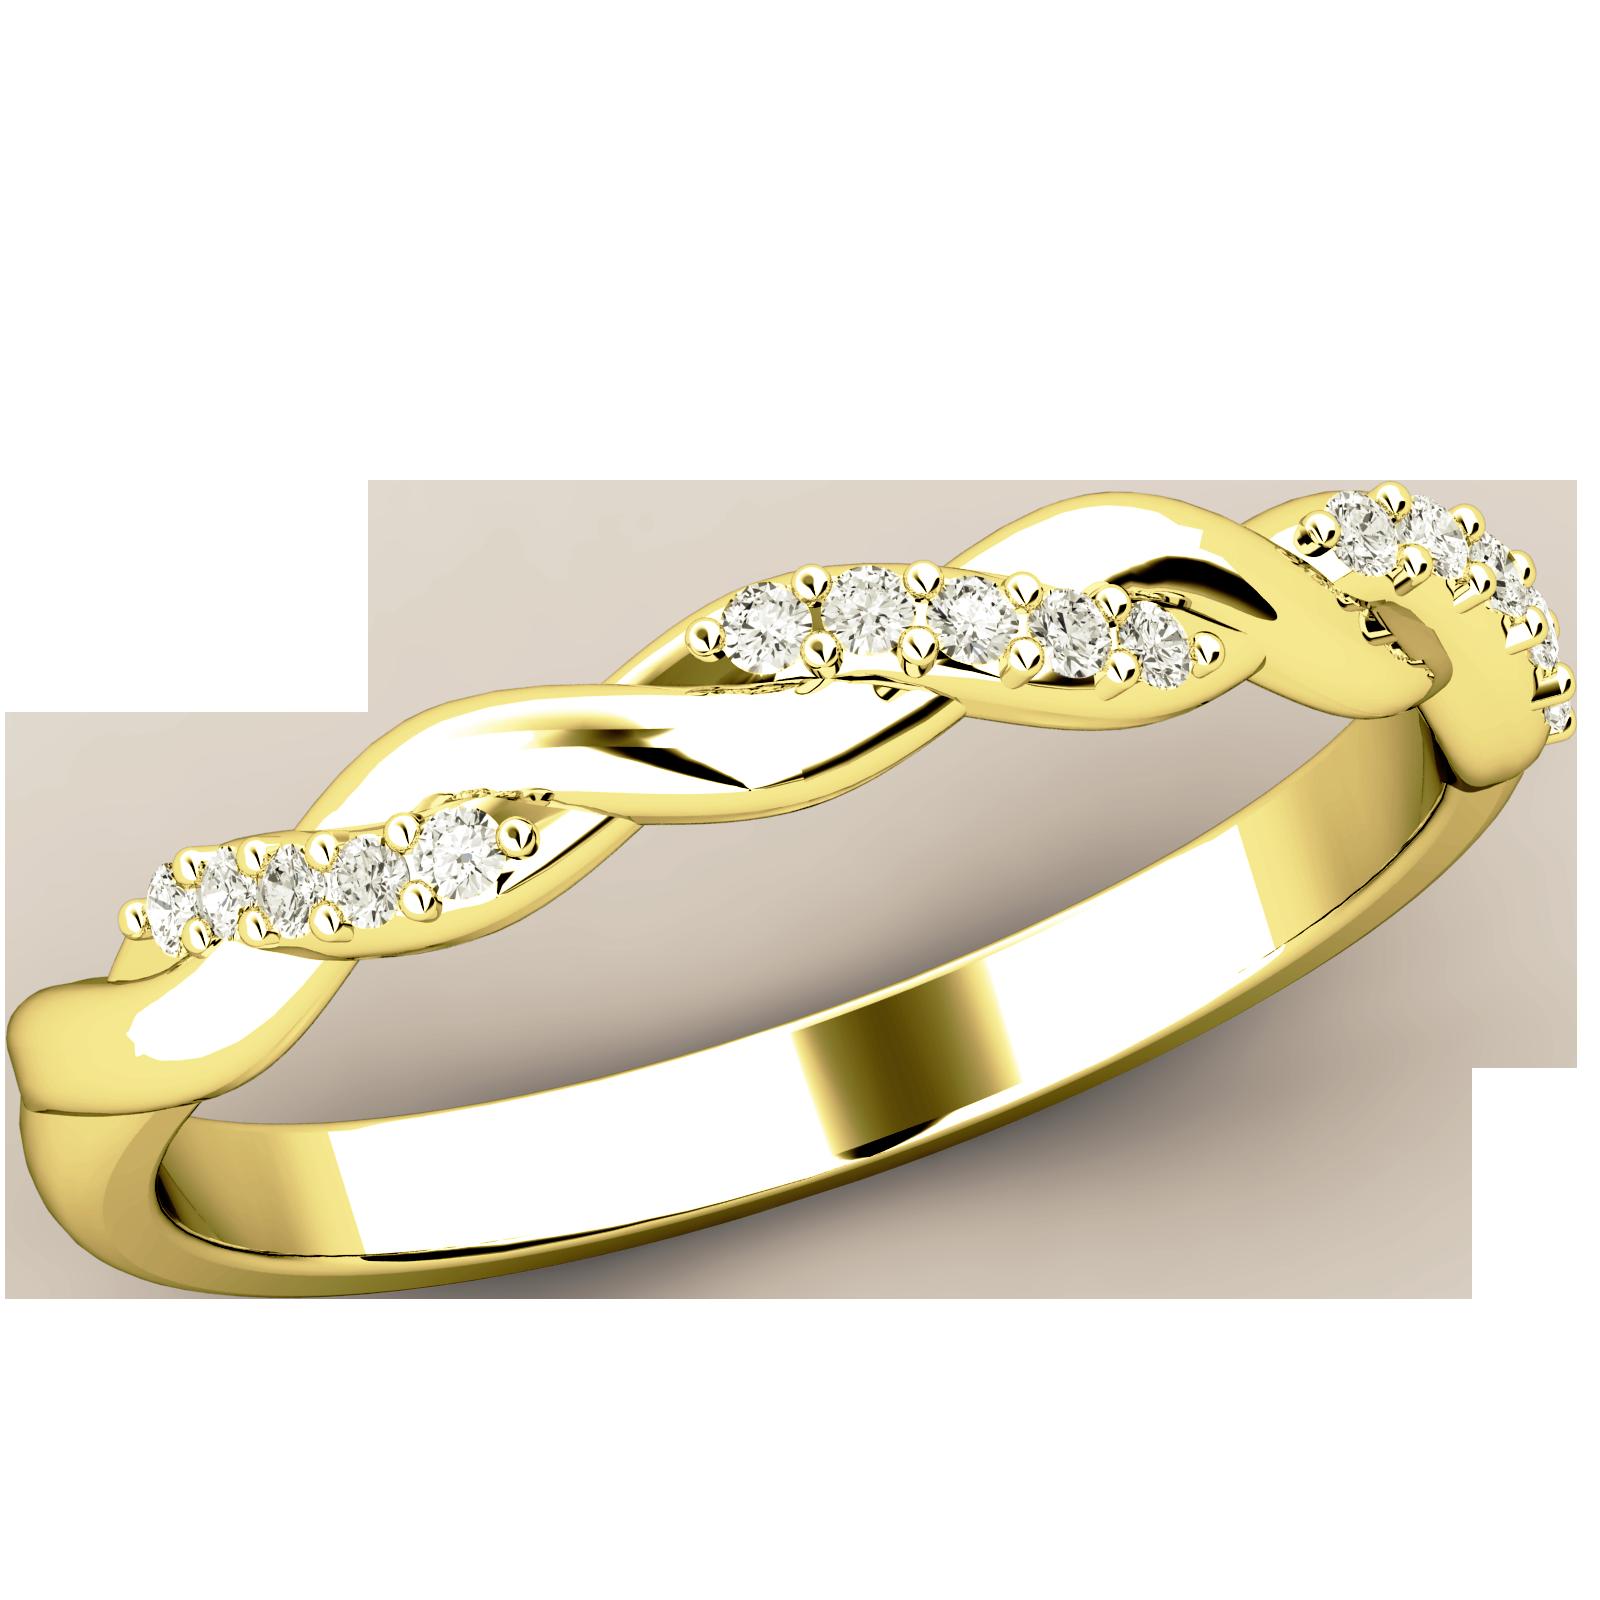 Halb Eternity Ring für Dame in 18kt Gelbgold mit Runden Brillanten und mit geflochtenem Banddesign-img1